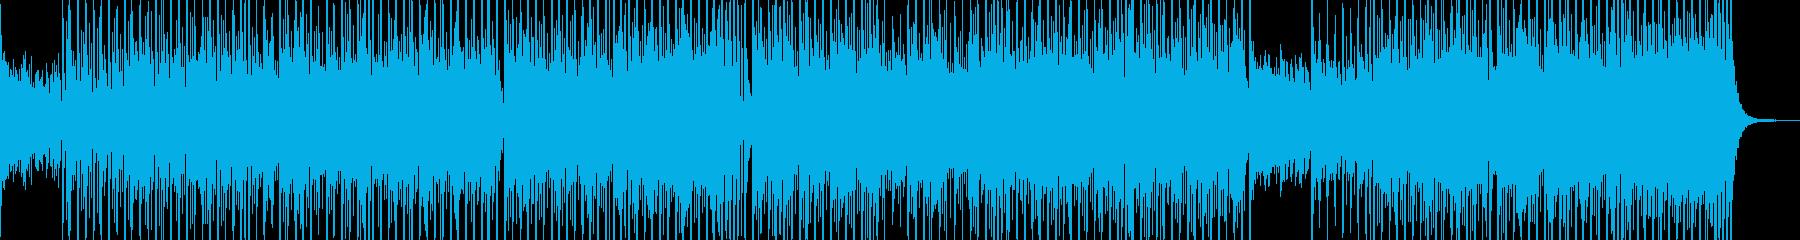 異国の旅・踊れるバグパイプテクノ Cの再生済みの波形